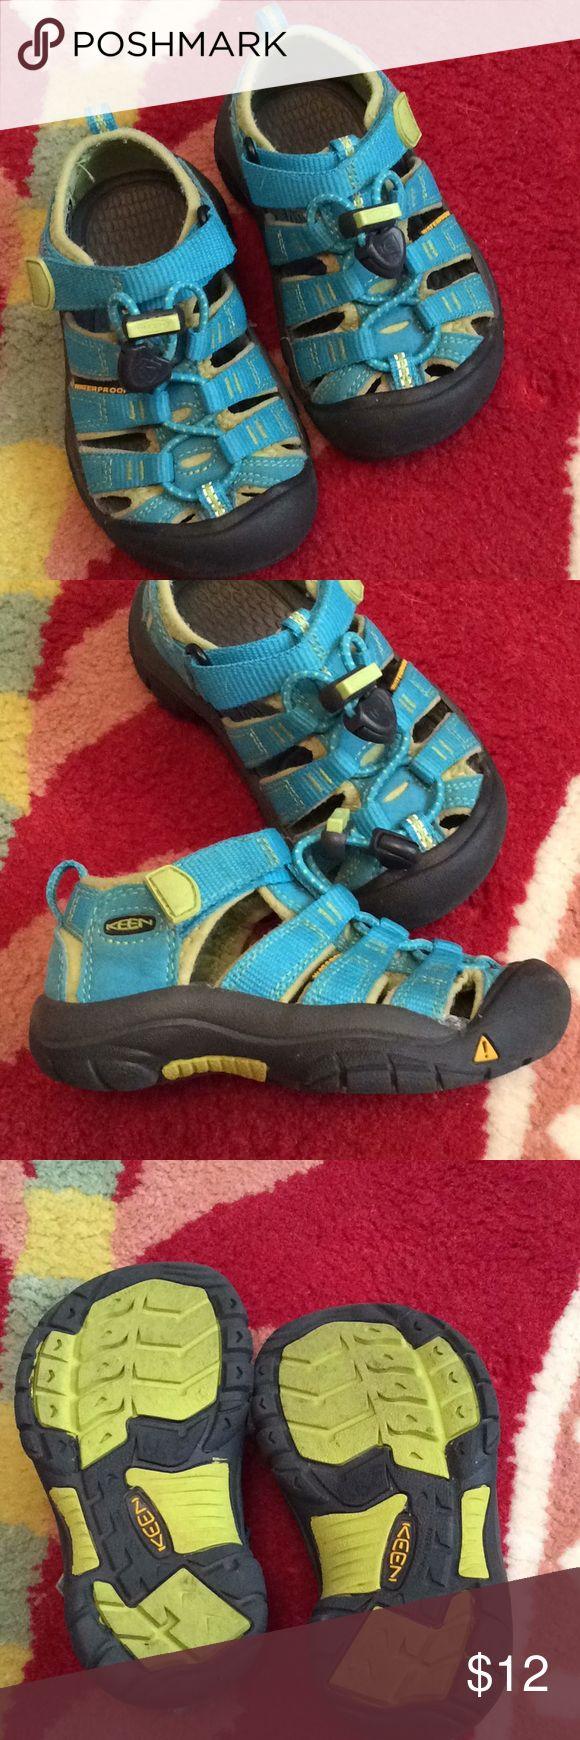 Keen Toddler Boy Girl Water Shoe Sandal Sz 8 Great pair of Keen water shoes. Size 8, Toddler. Keen Shoes Sandals & Flip Flops